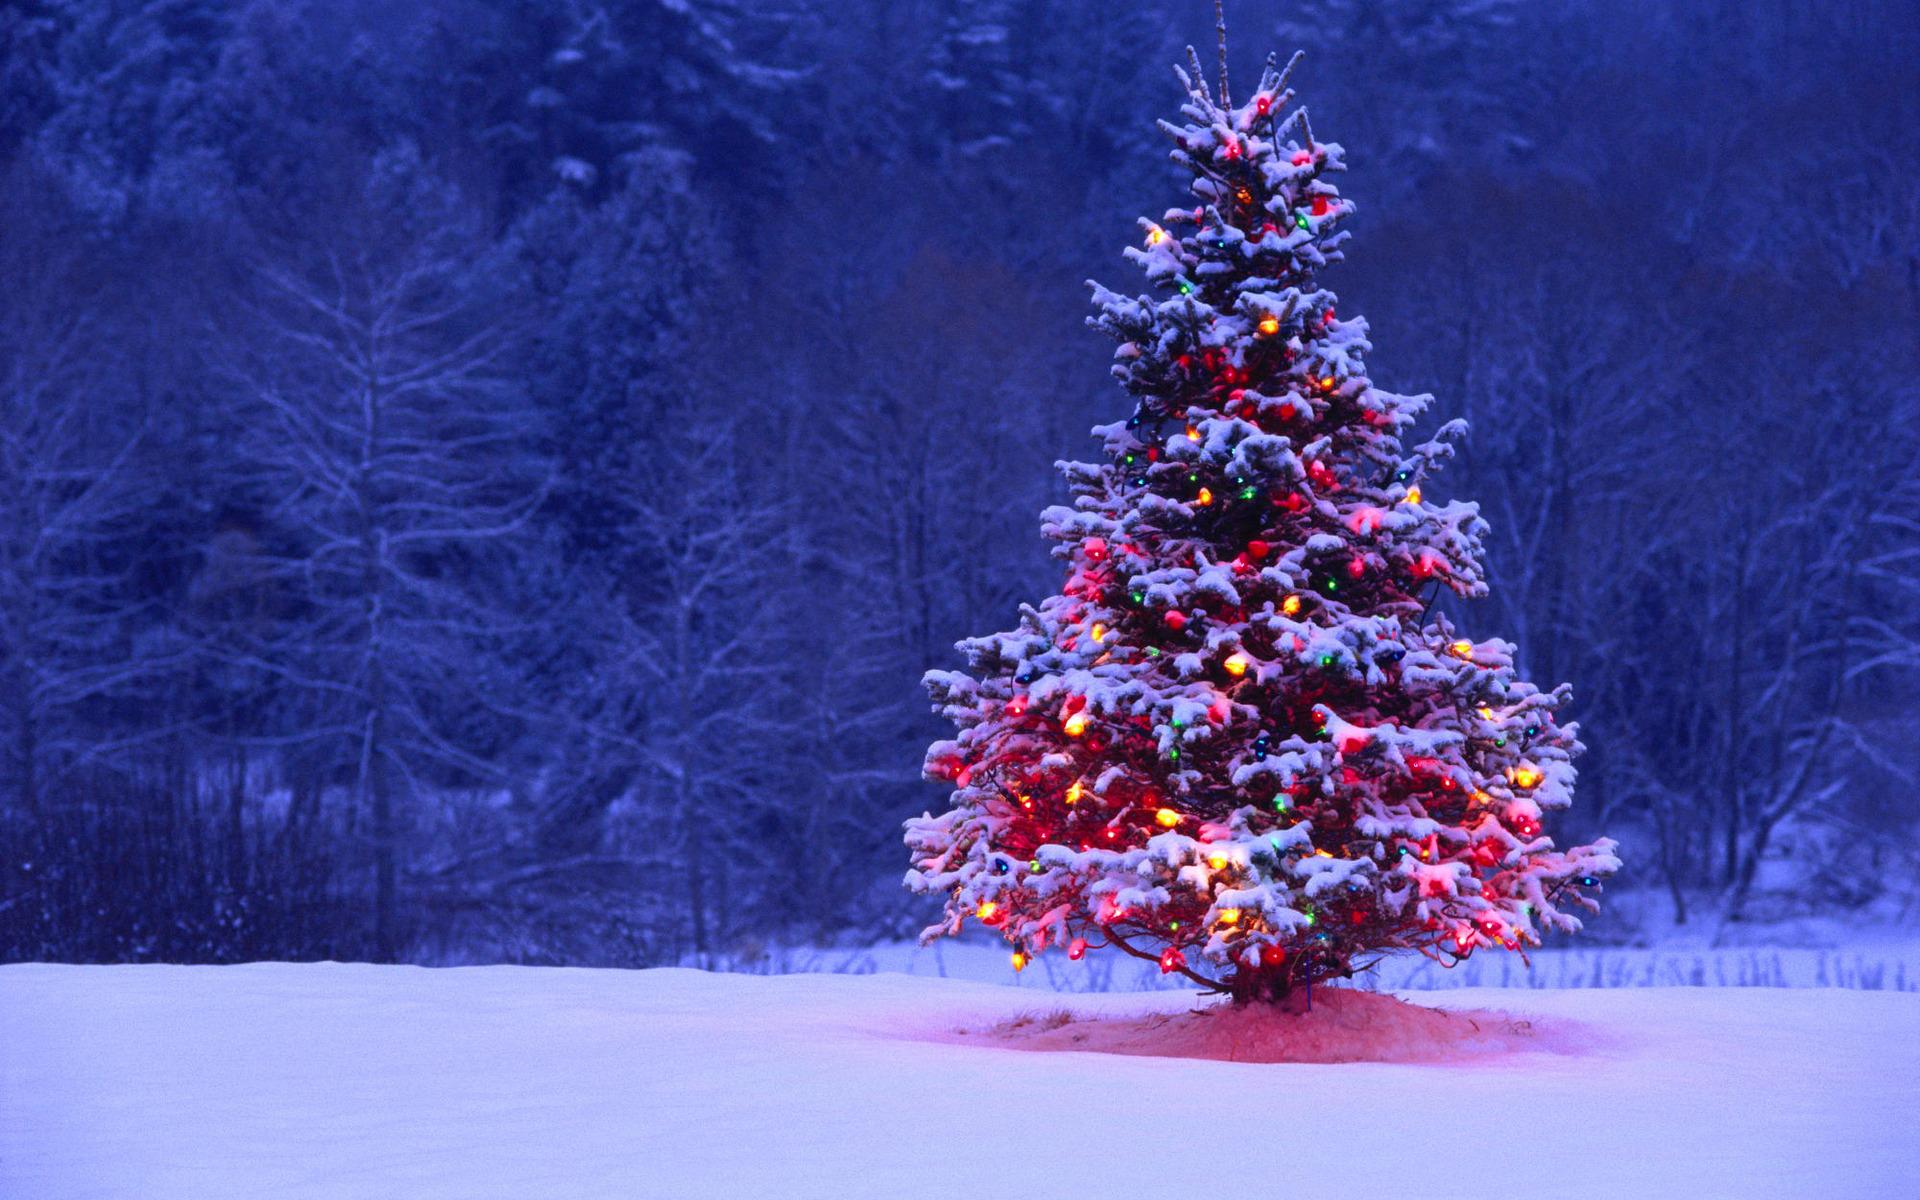 До1декабря наплощадях и дорогах Ростова установят новогодние ёлки